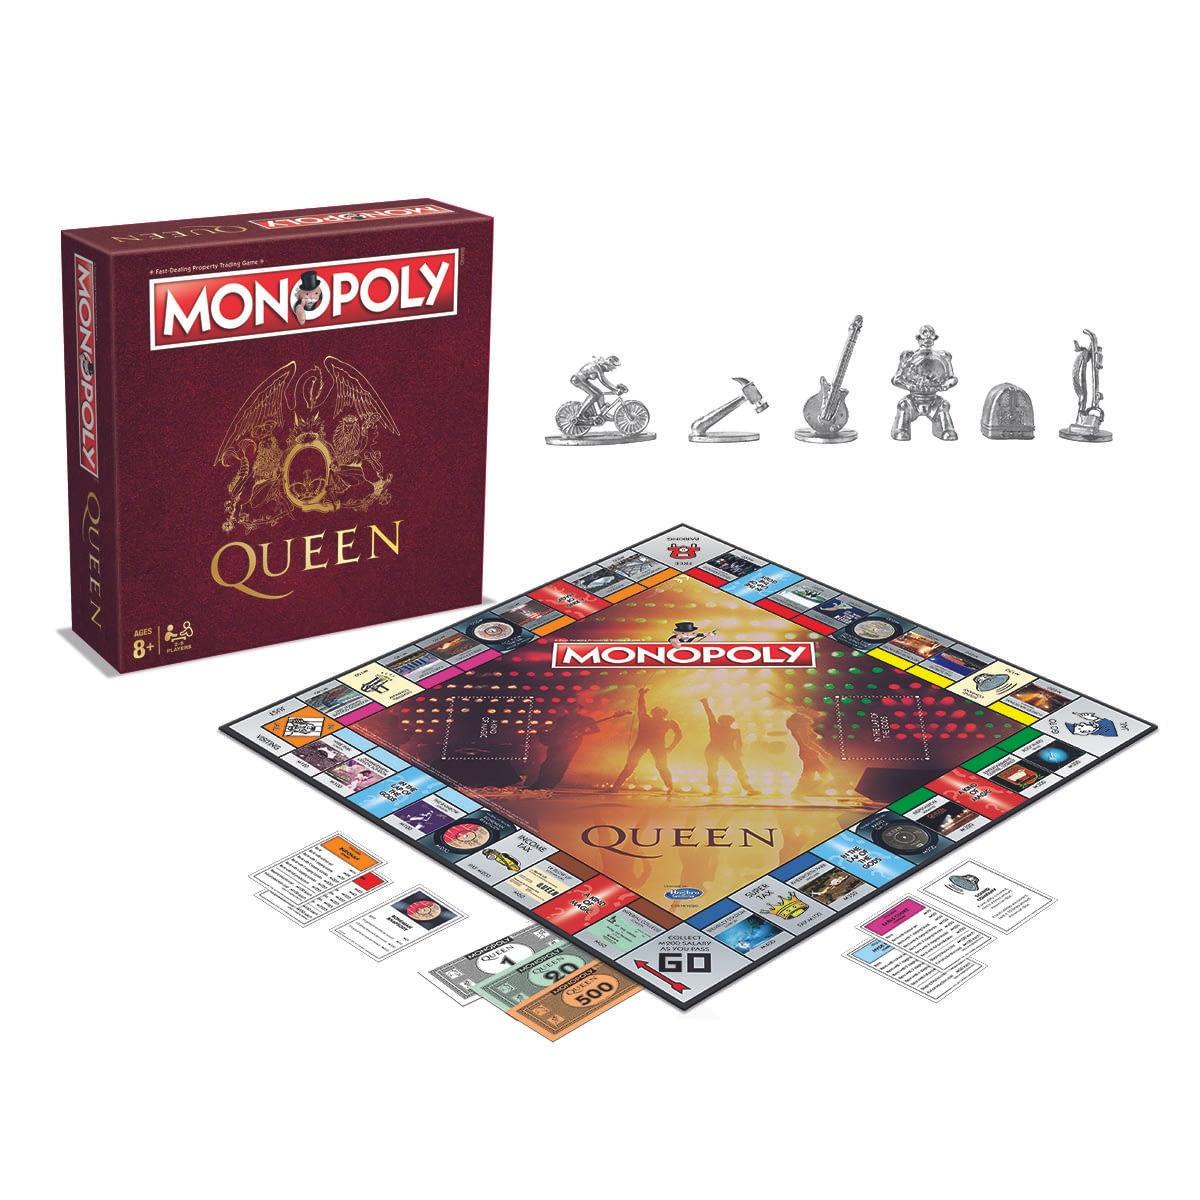 Queen удостоятся тематическим изданием «Монополии» Редактировать эту за